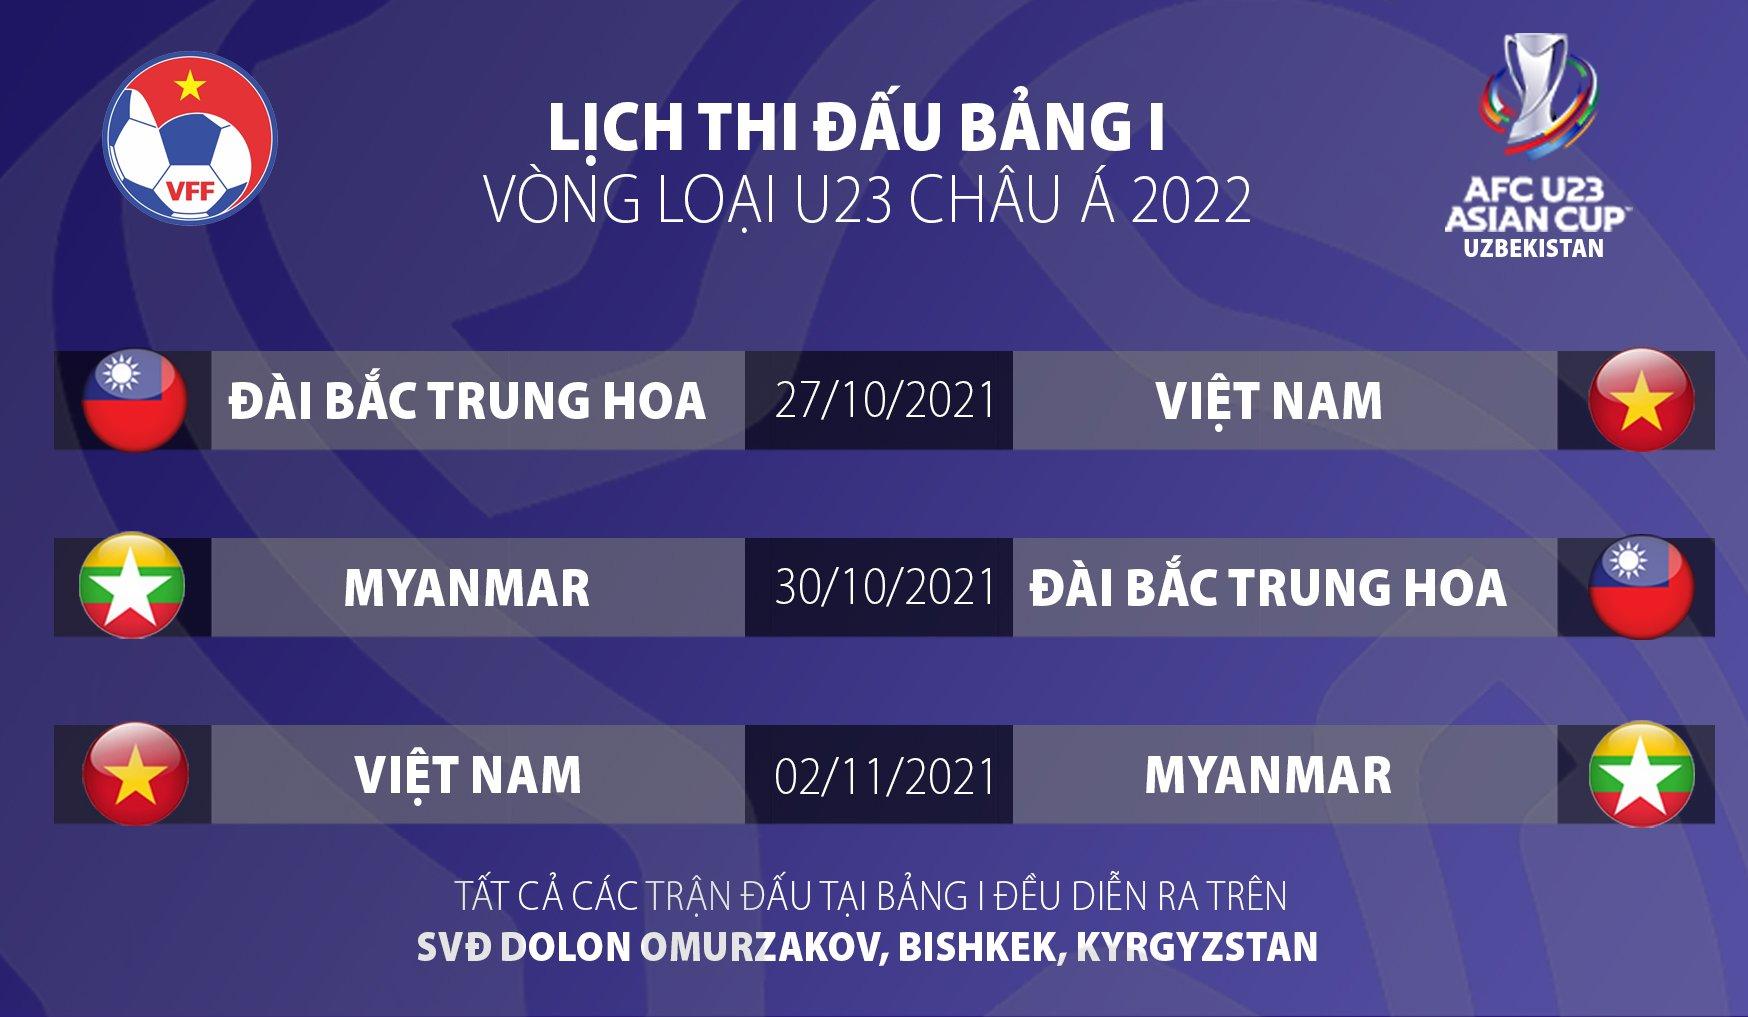 Vòng loại U23 châu Á 2022 đổi sang thi đấu tại Kyrgyzstan  -0